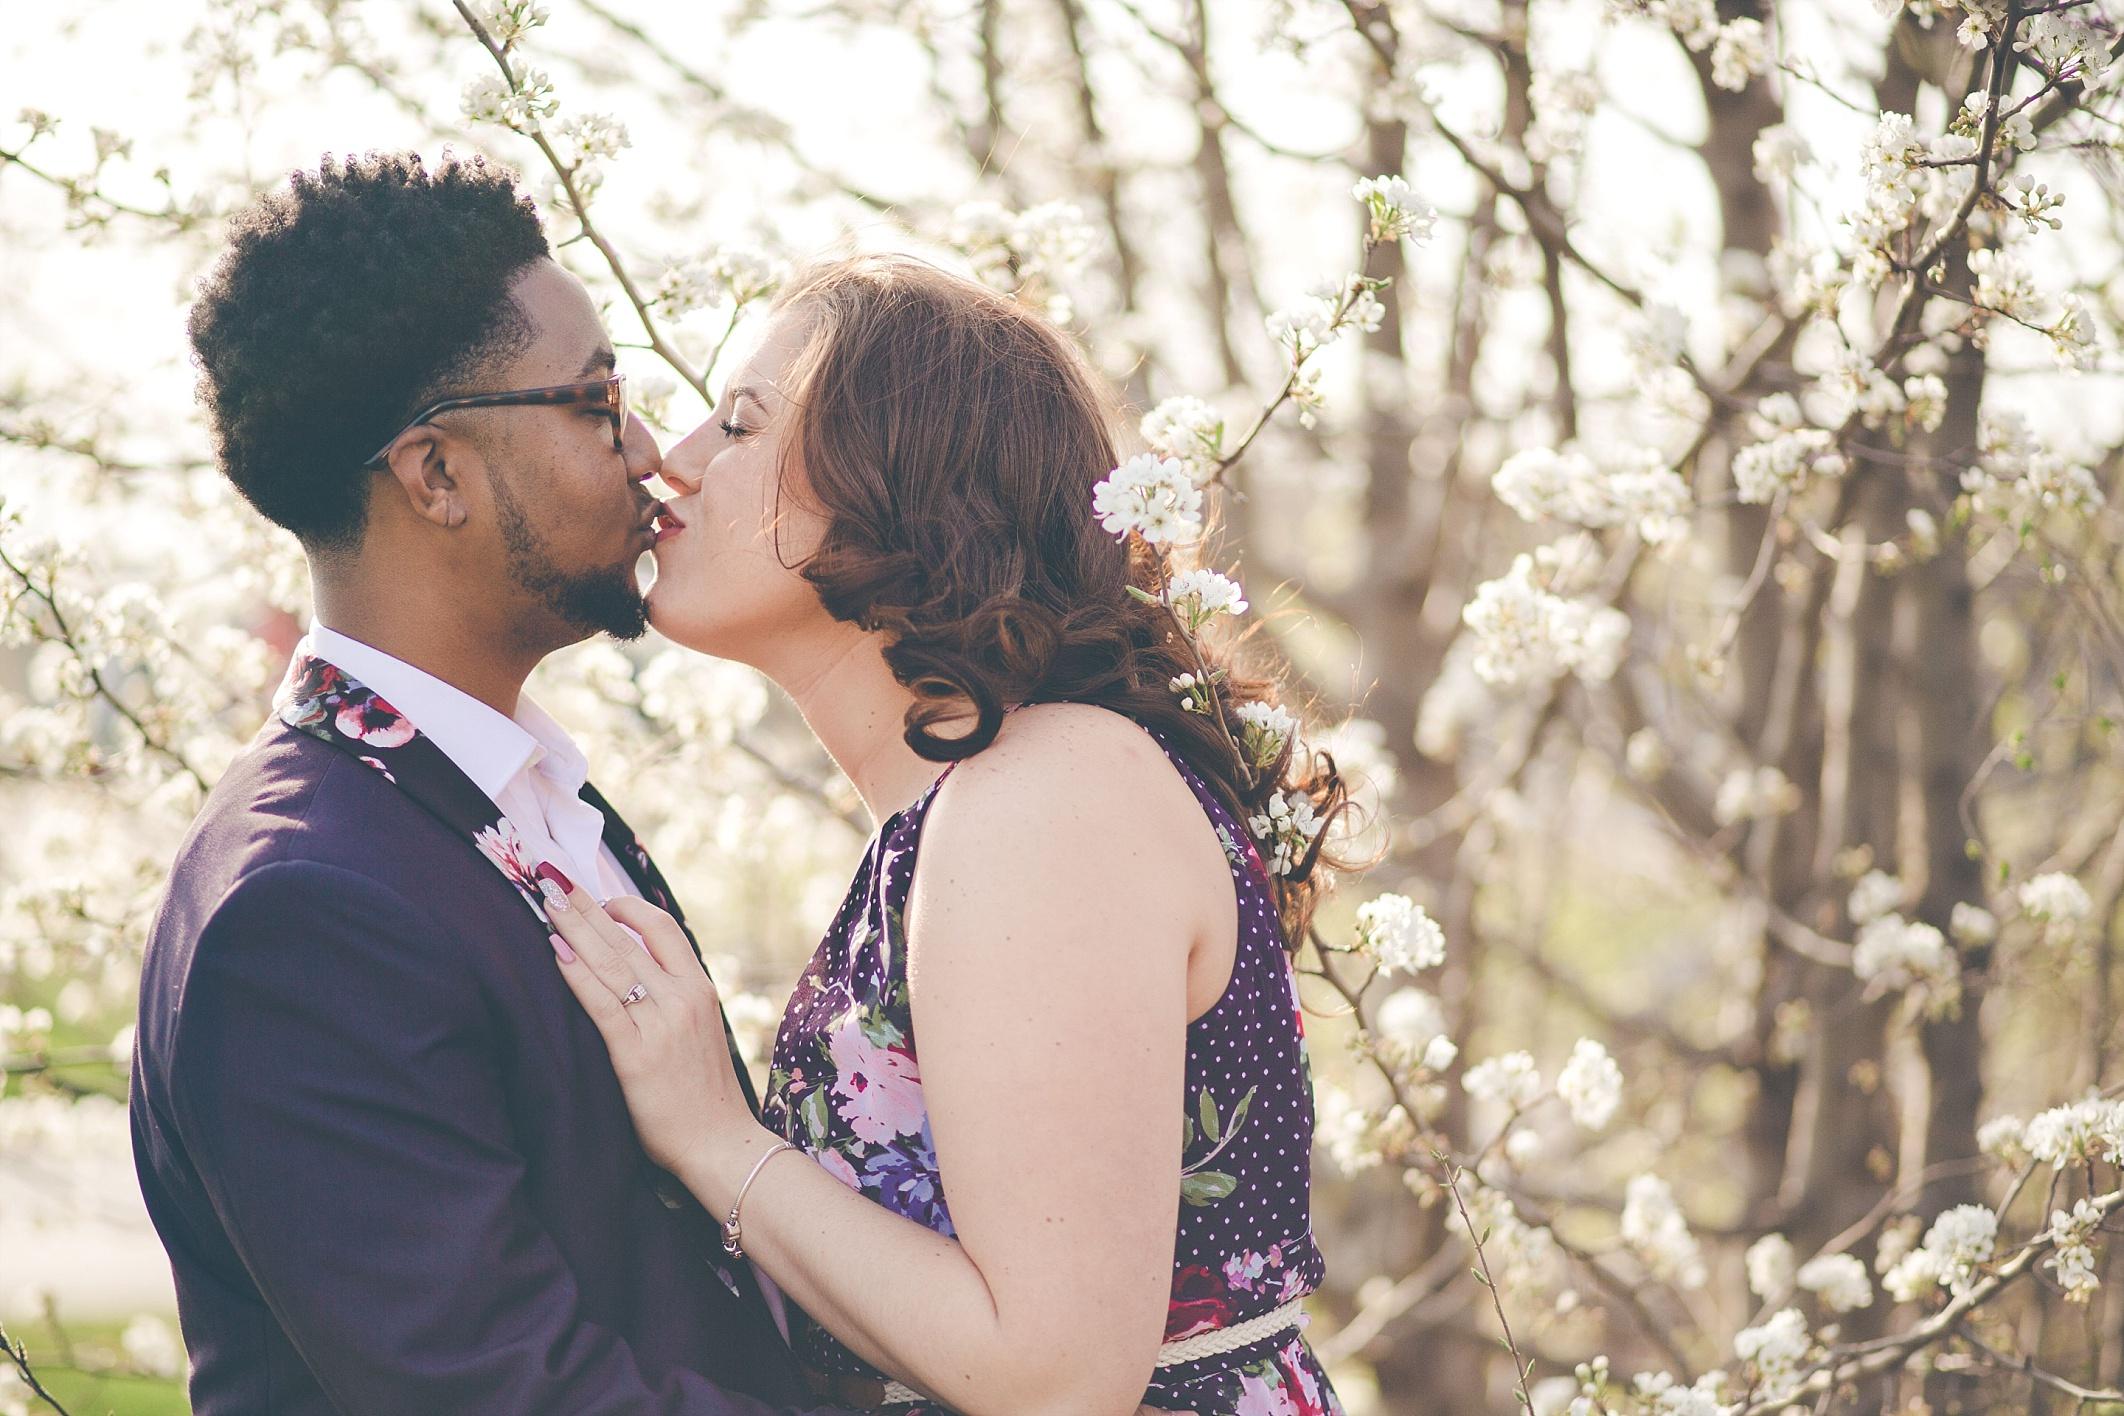 sydney-dayton-engagement--photographer-dayton-ohio_0002.jpg